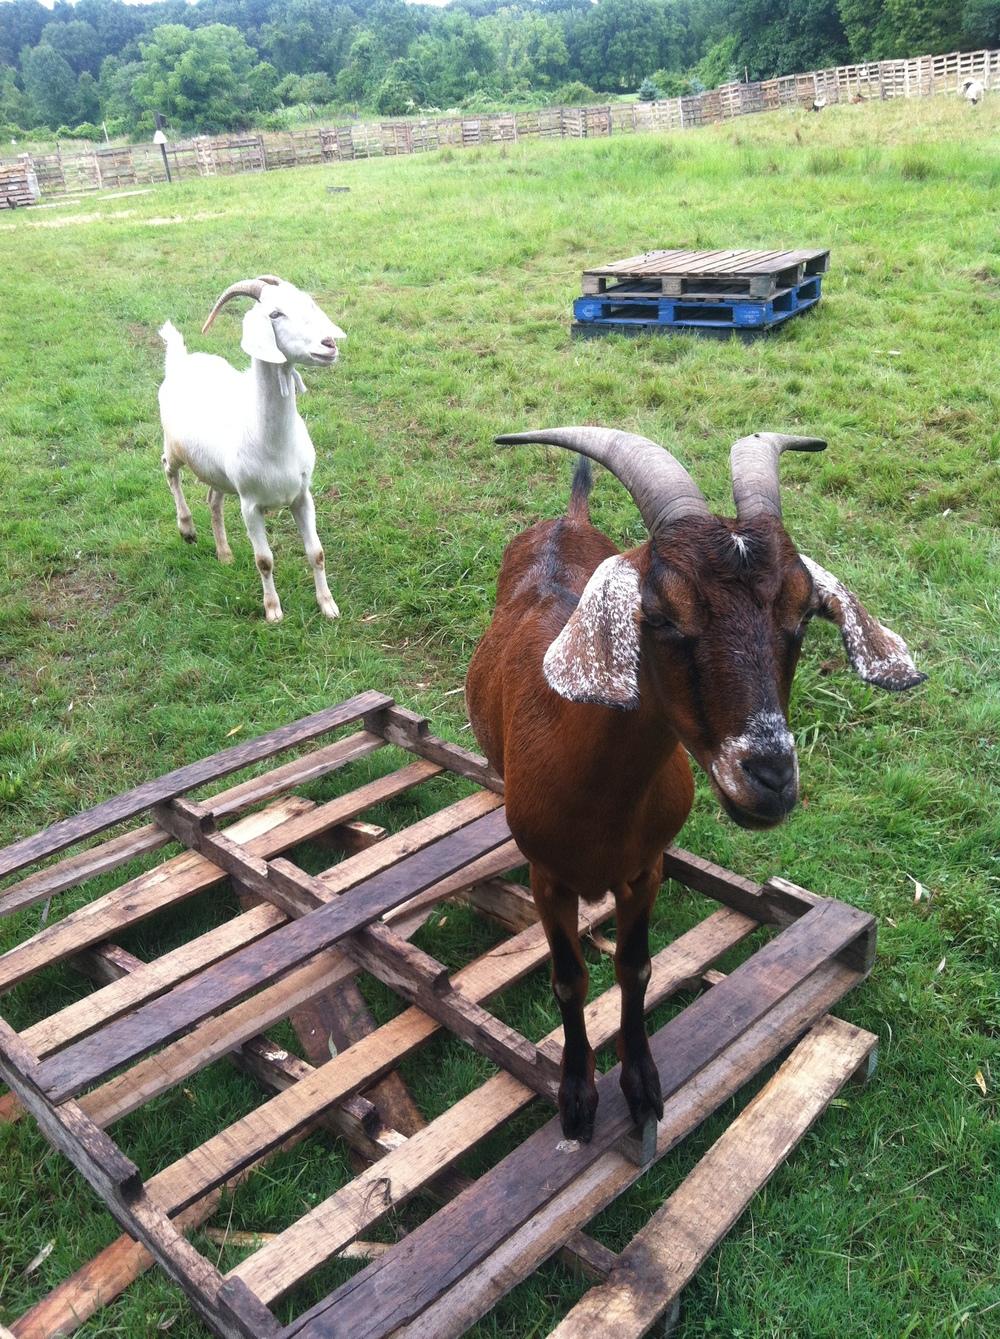 goat-on-palett.jpg